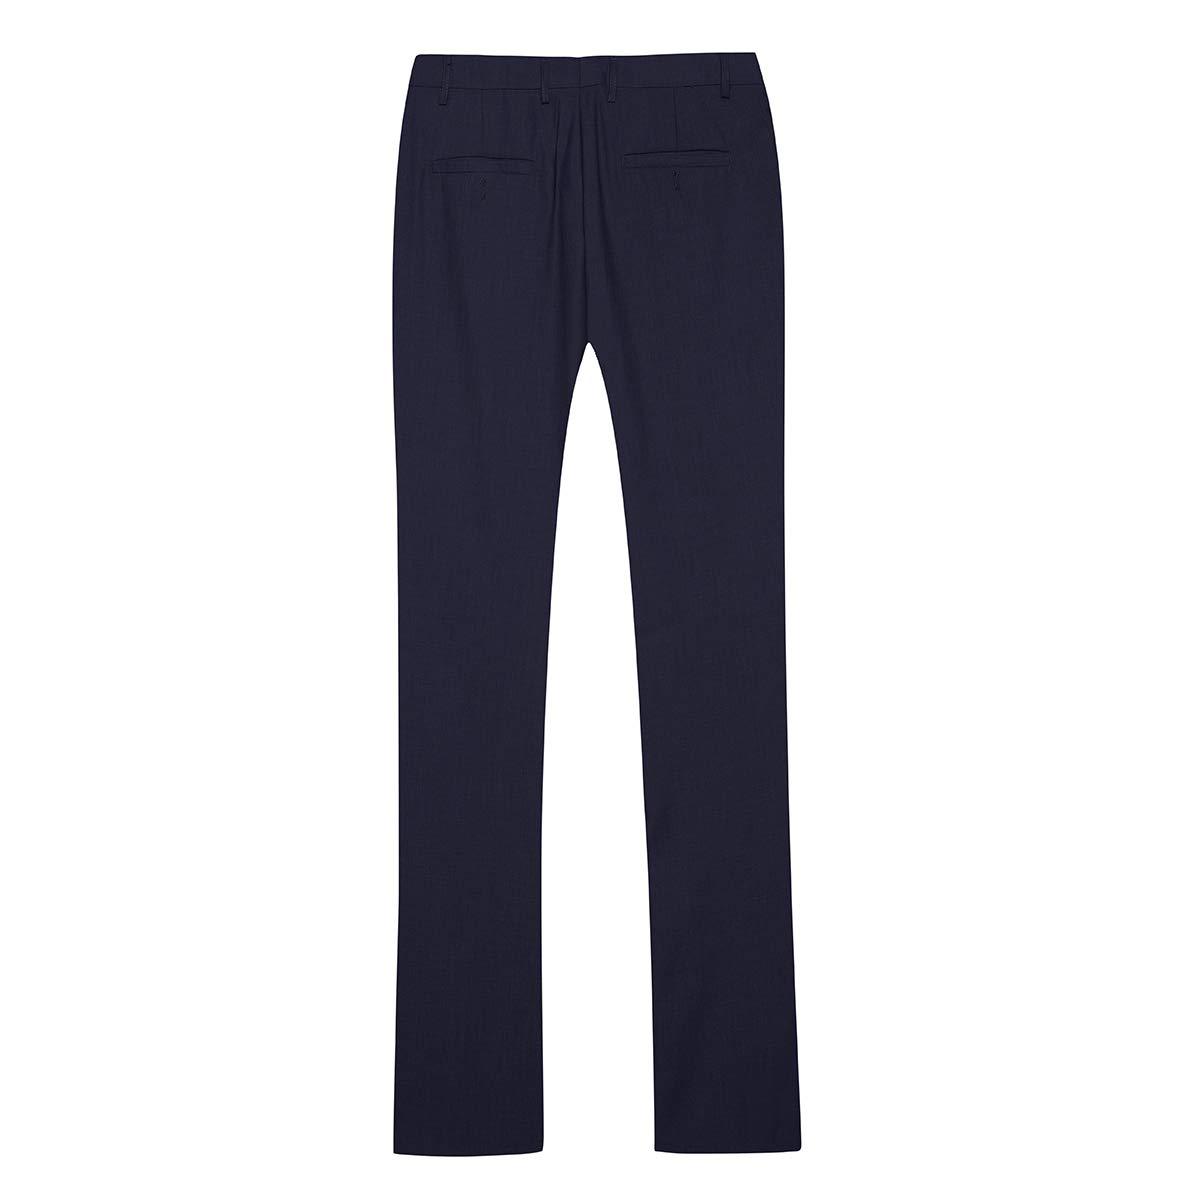 Trajes Youthup Traje Para Hombres Blazer Y Pantalones Elegantes Trajes Para Hombre De Vestir Ropa Diendanraovat Vn